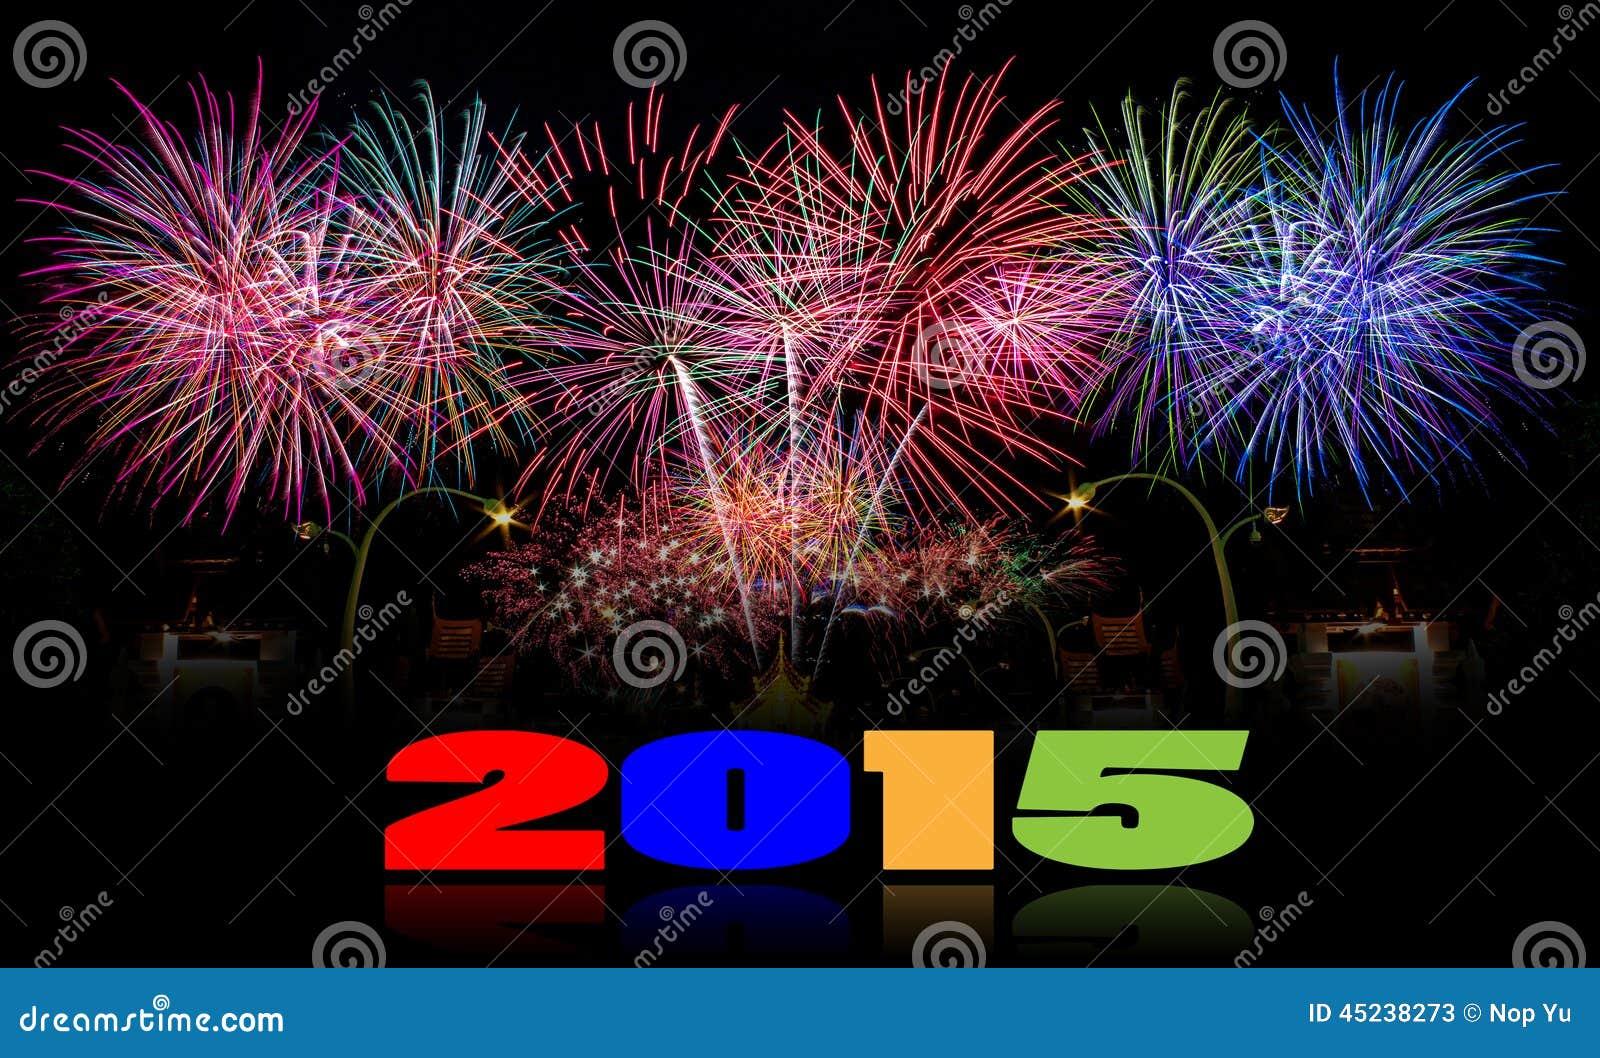 new year 2015 firework celebration background stock photo